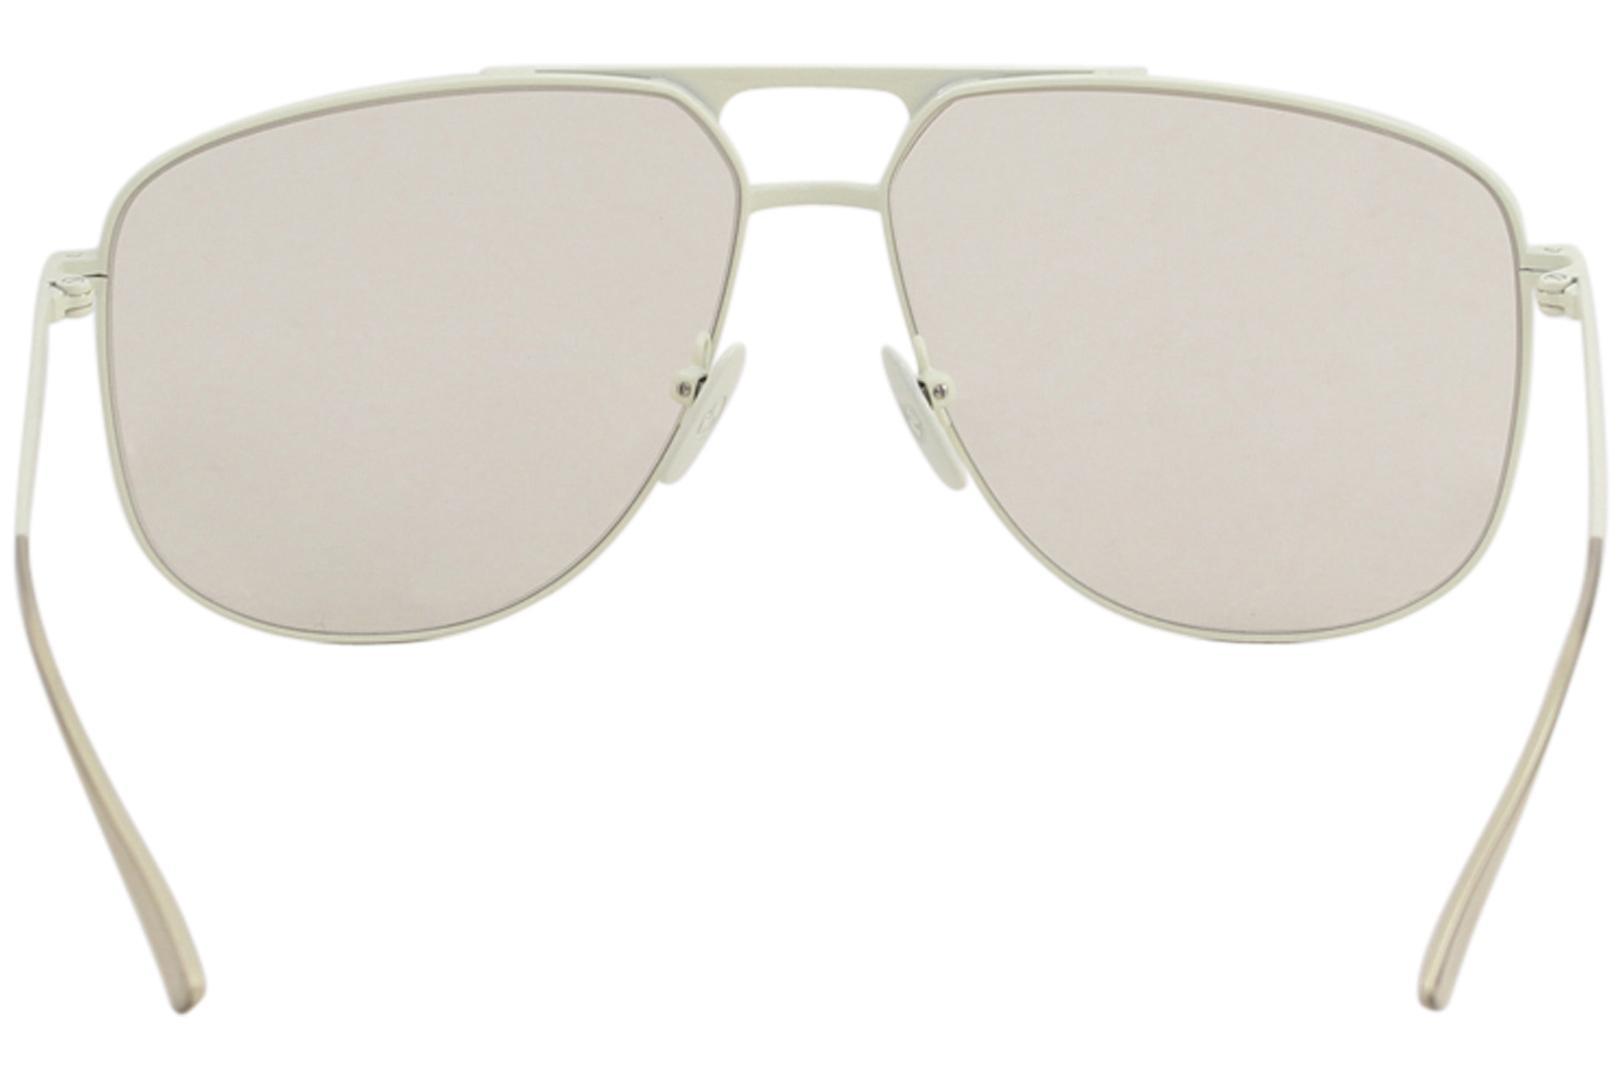 233449ec835 Gucci Men s GG0336S GG 0336 S Fashion Pilot Sunglasses by Gucci